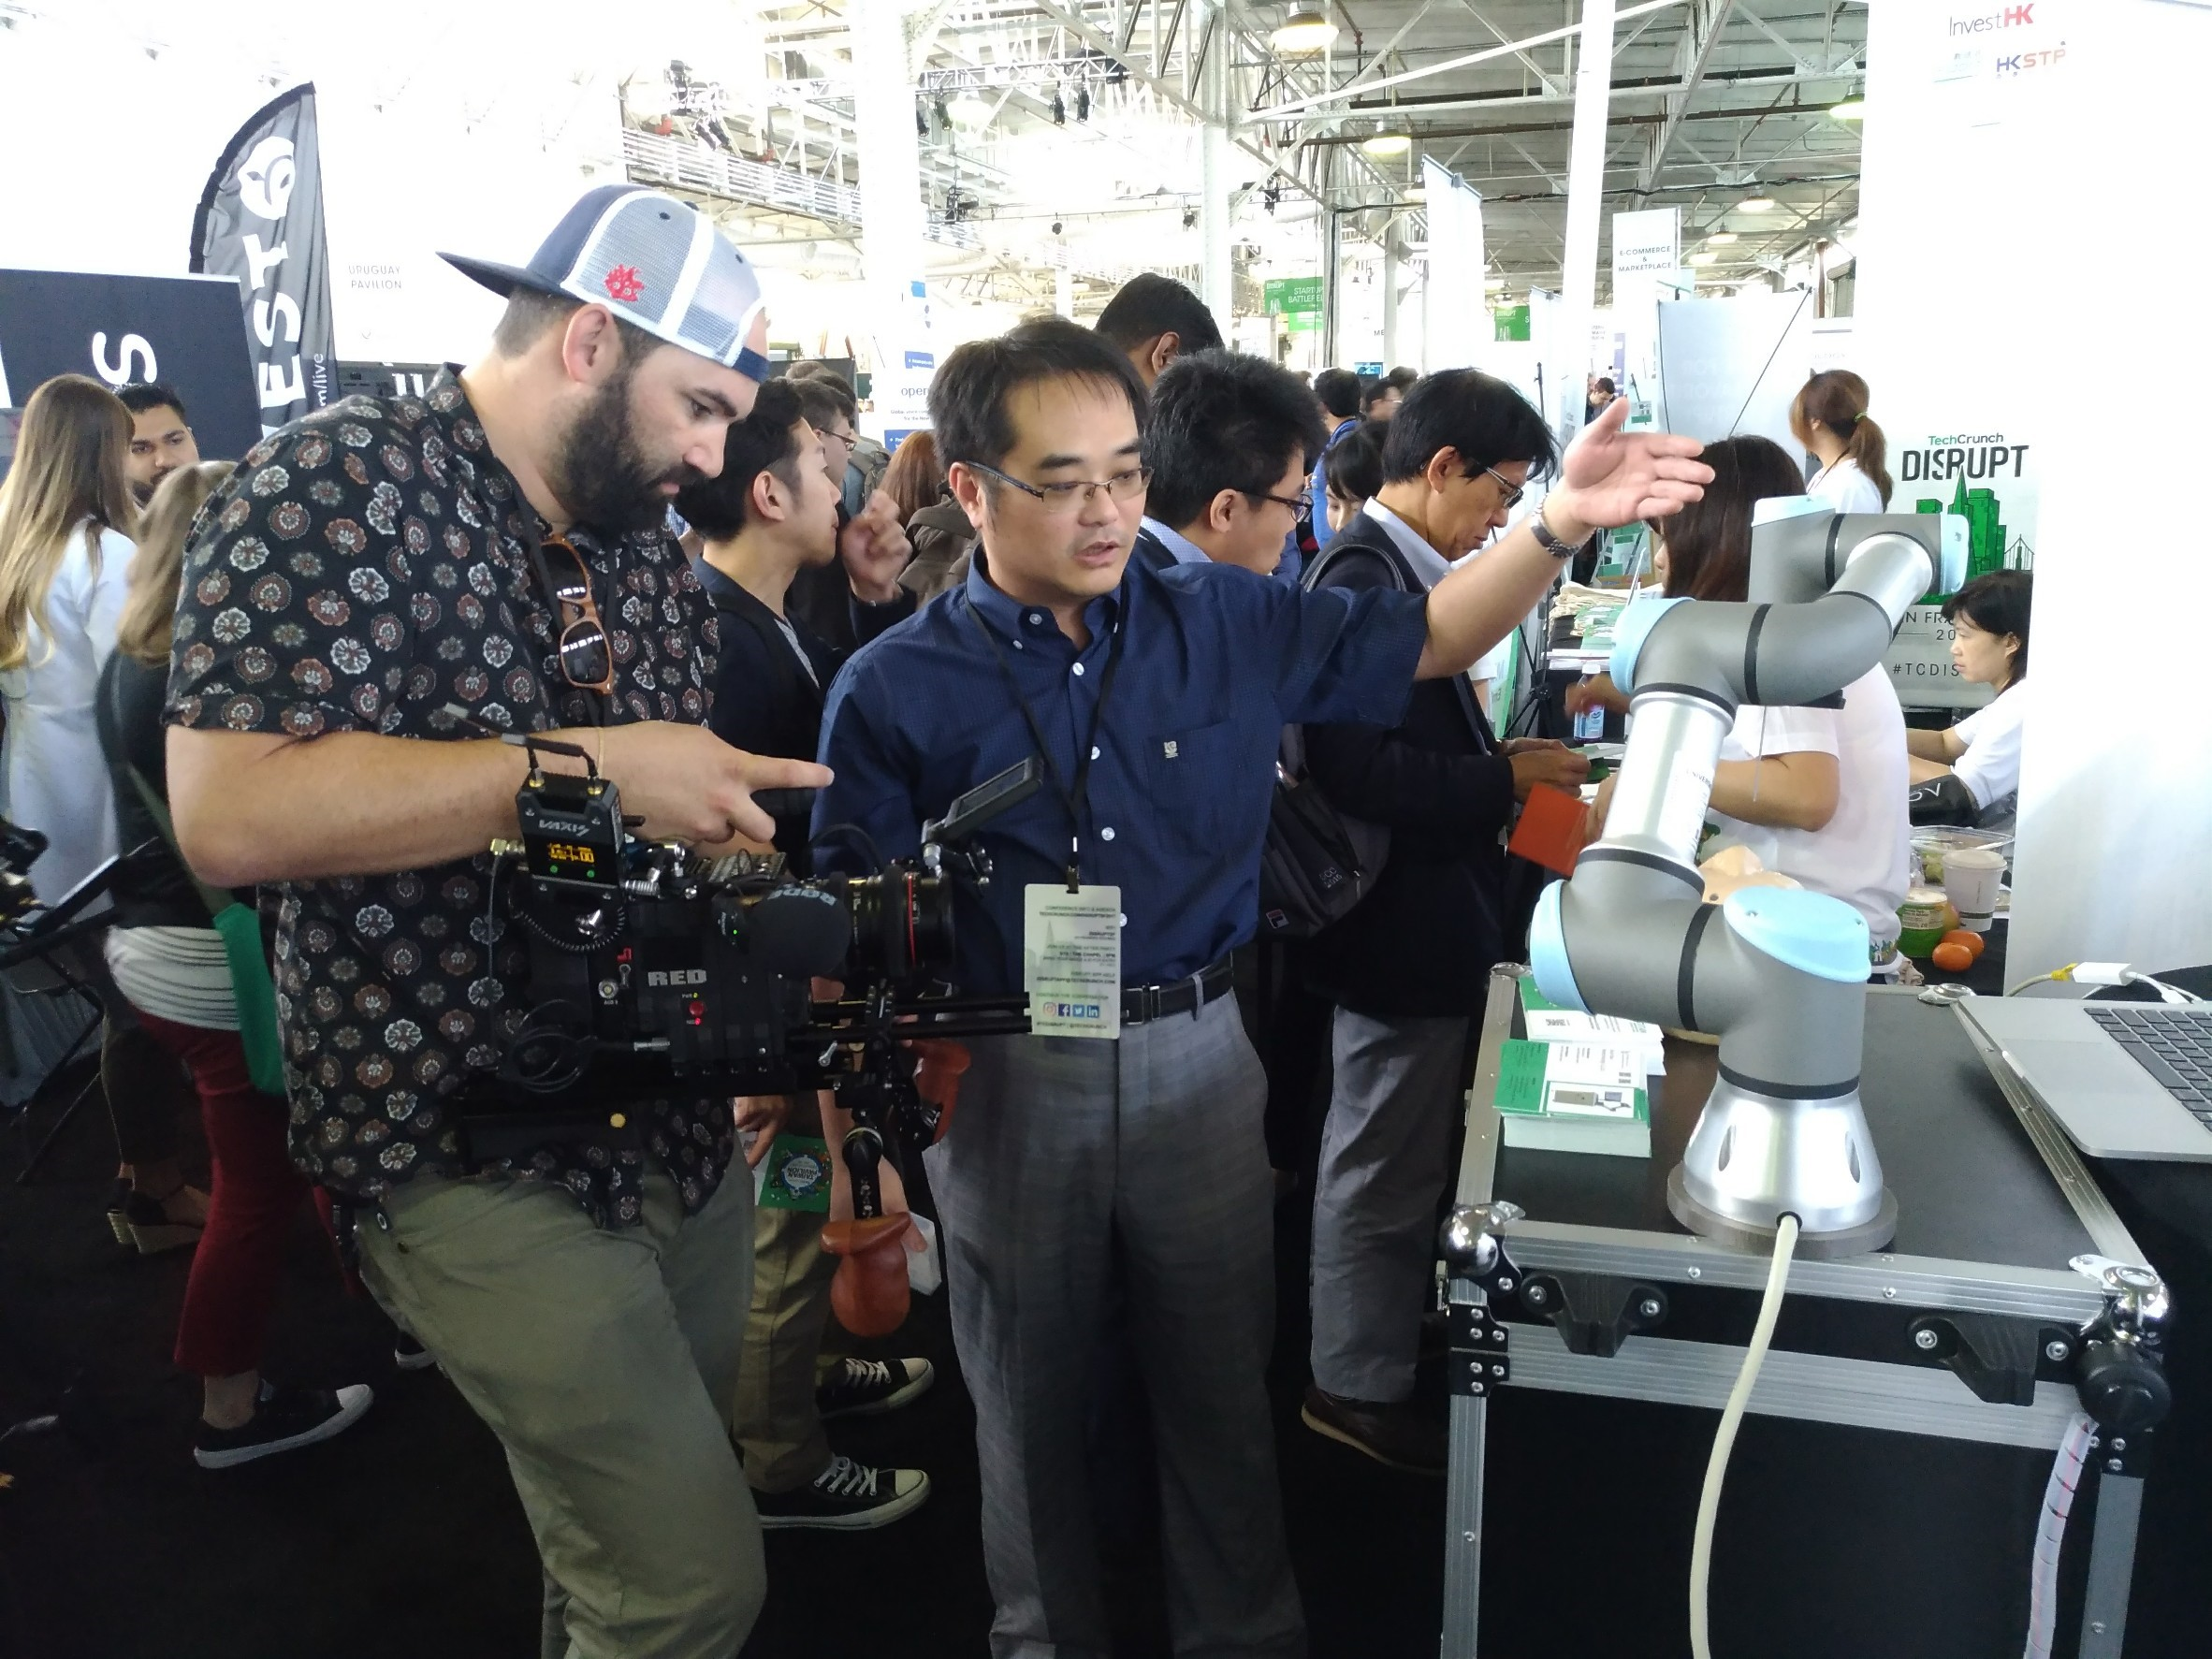 鈦隼代表台灣之一至美國TechCrunch 展覽